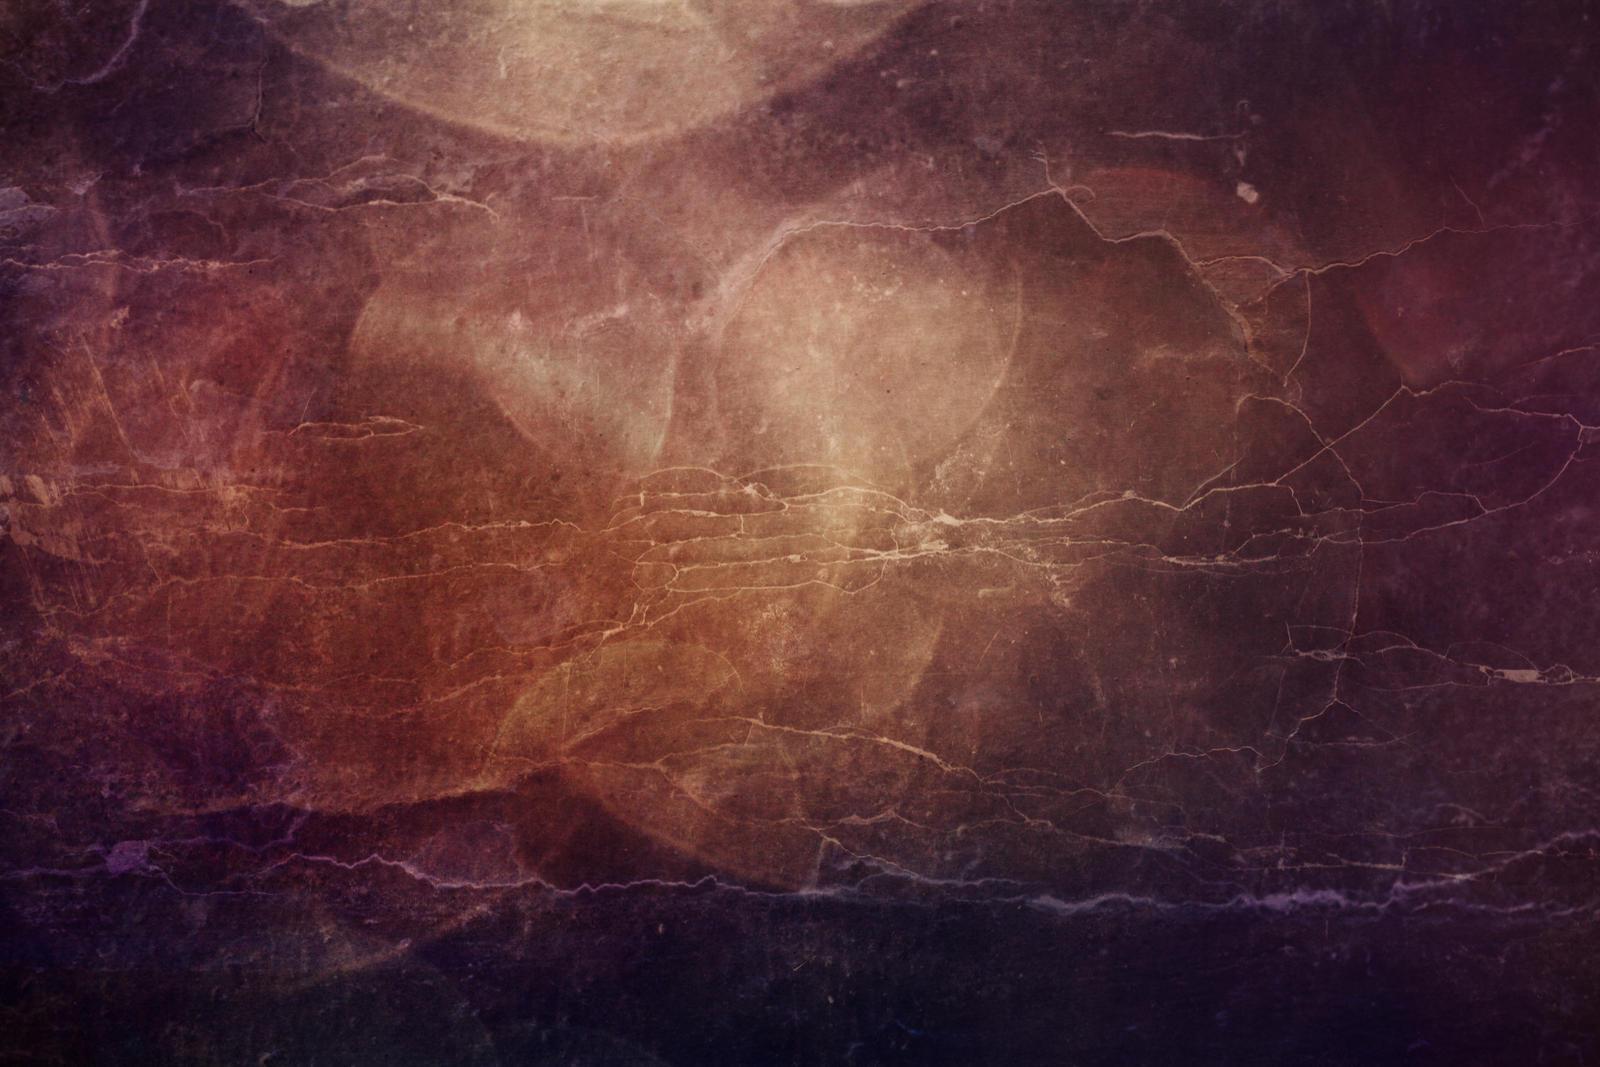 Texture 431 by Sirius-sdz